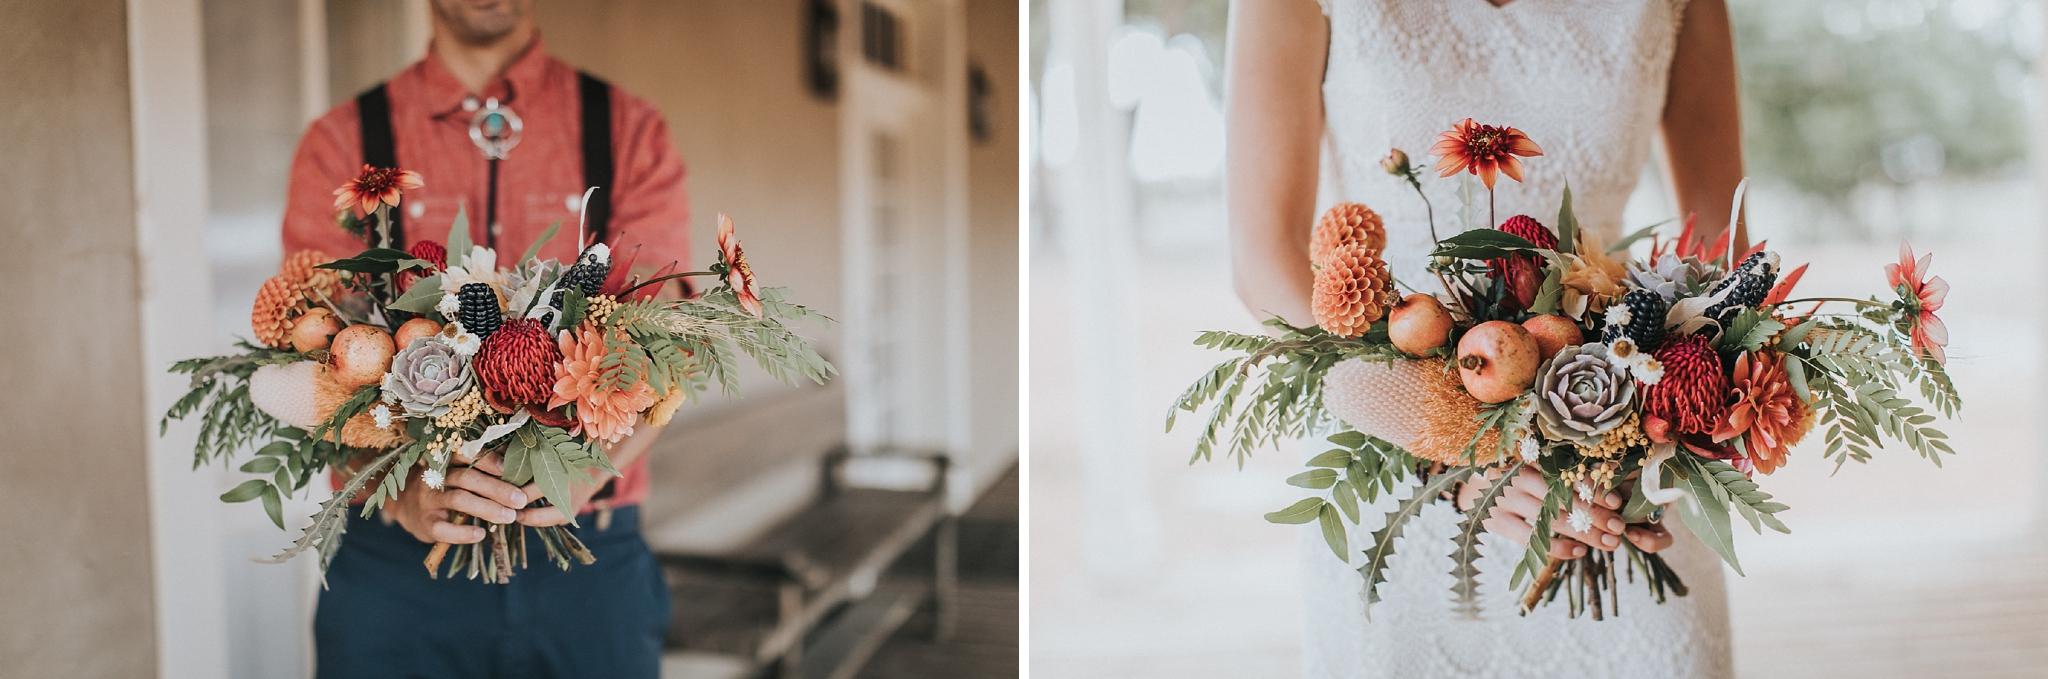 Alicia+lucia+photography+-+albuquerque+wedding+photographer+-+santa+fe+wedding+photography+-+new+mexico+wedding+photographer+-+new+mexico+wedding+-+new+mexico+florist+-+floriography+flowers+-+floriography+flowers+new+mexico+-+wedding+florist_0092.jpg